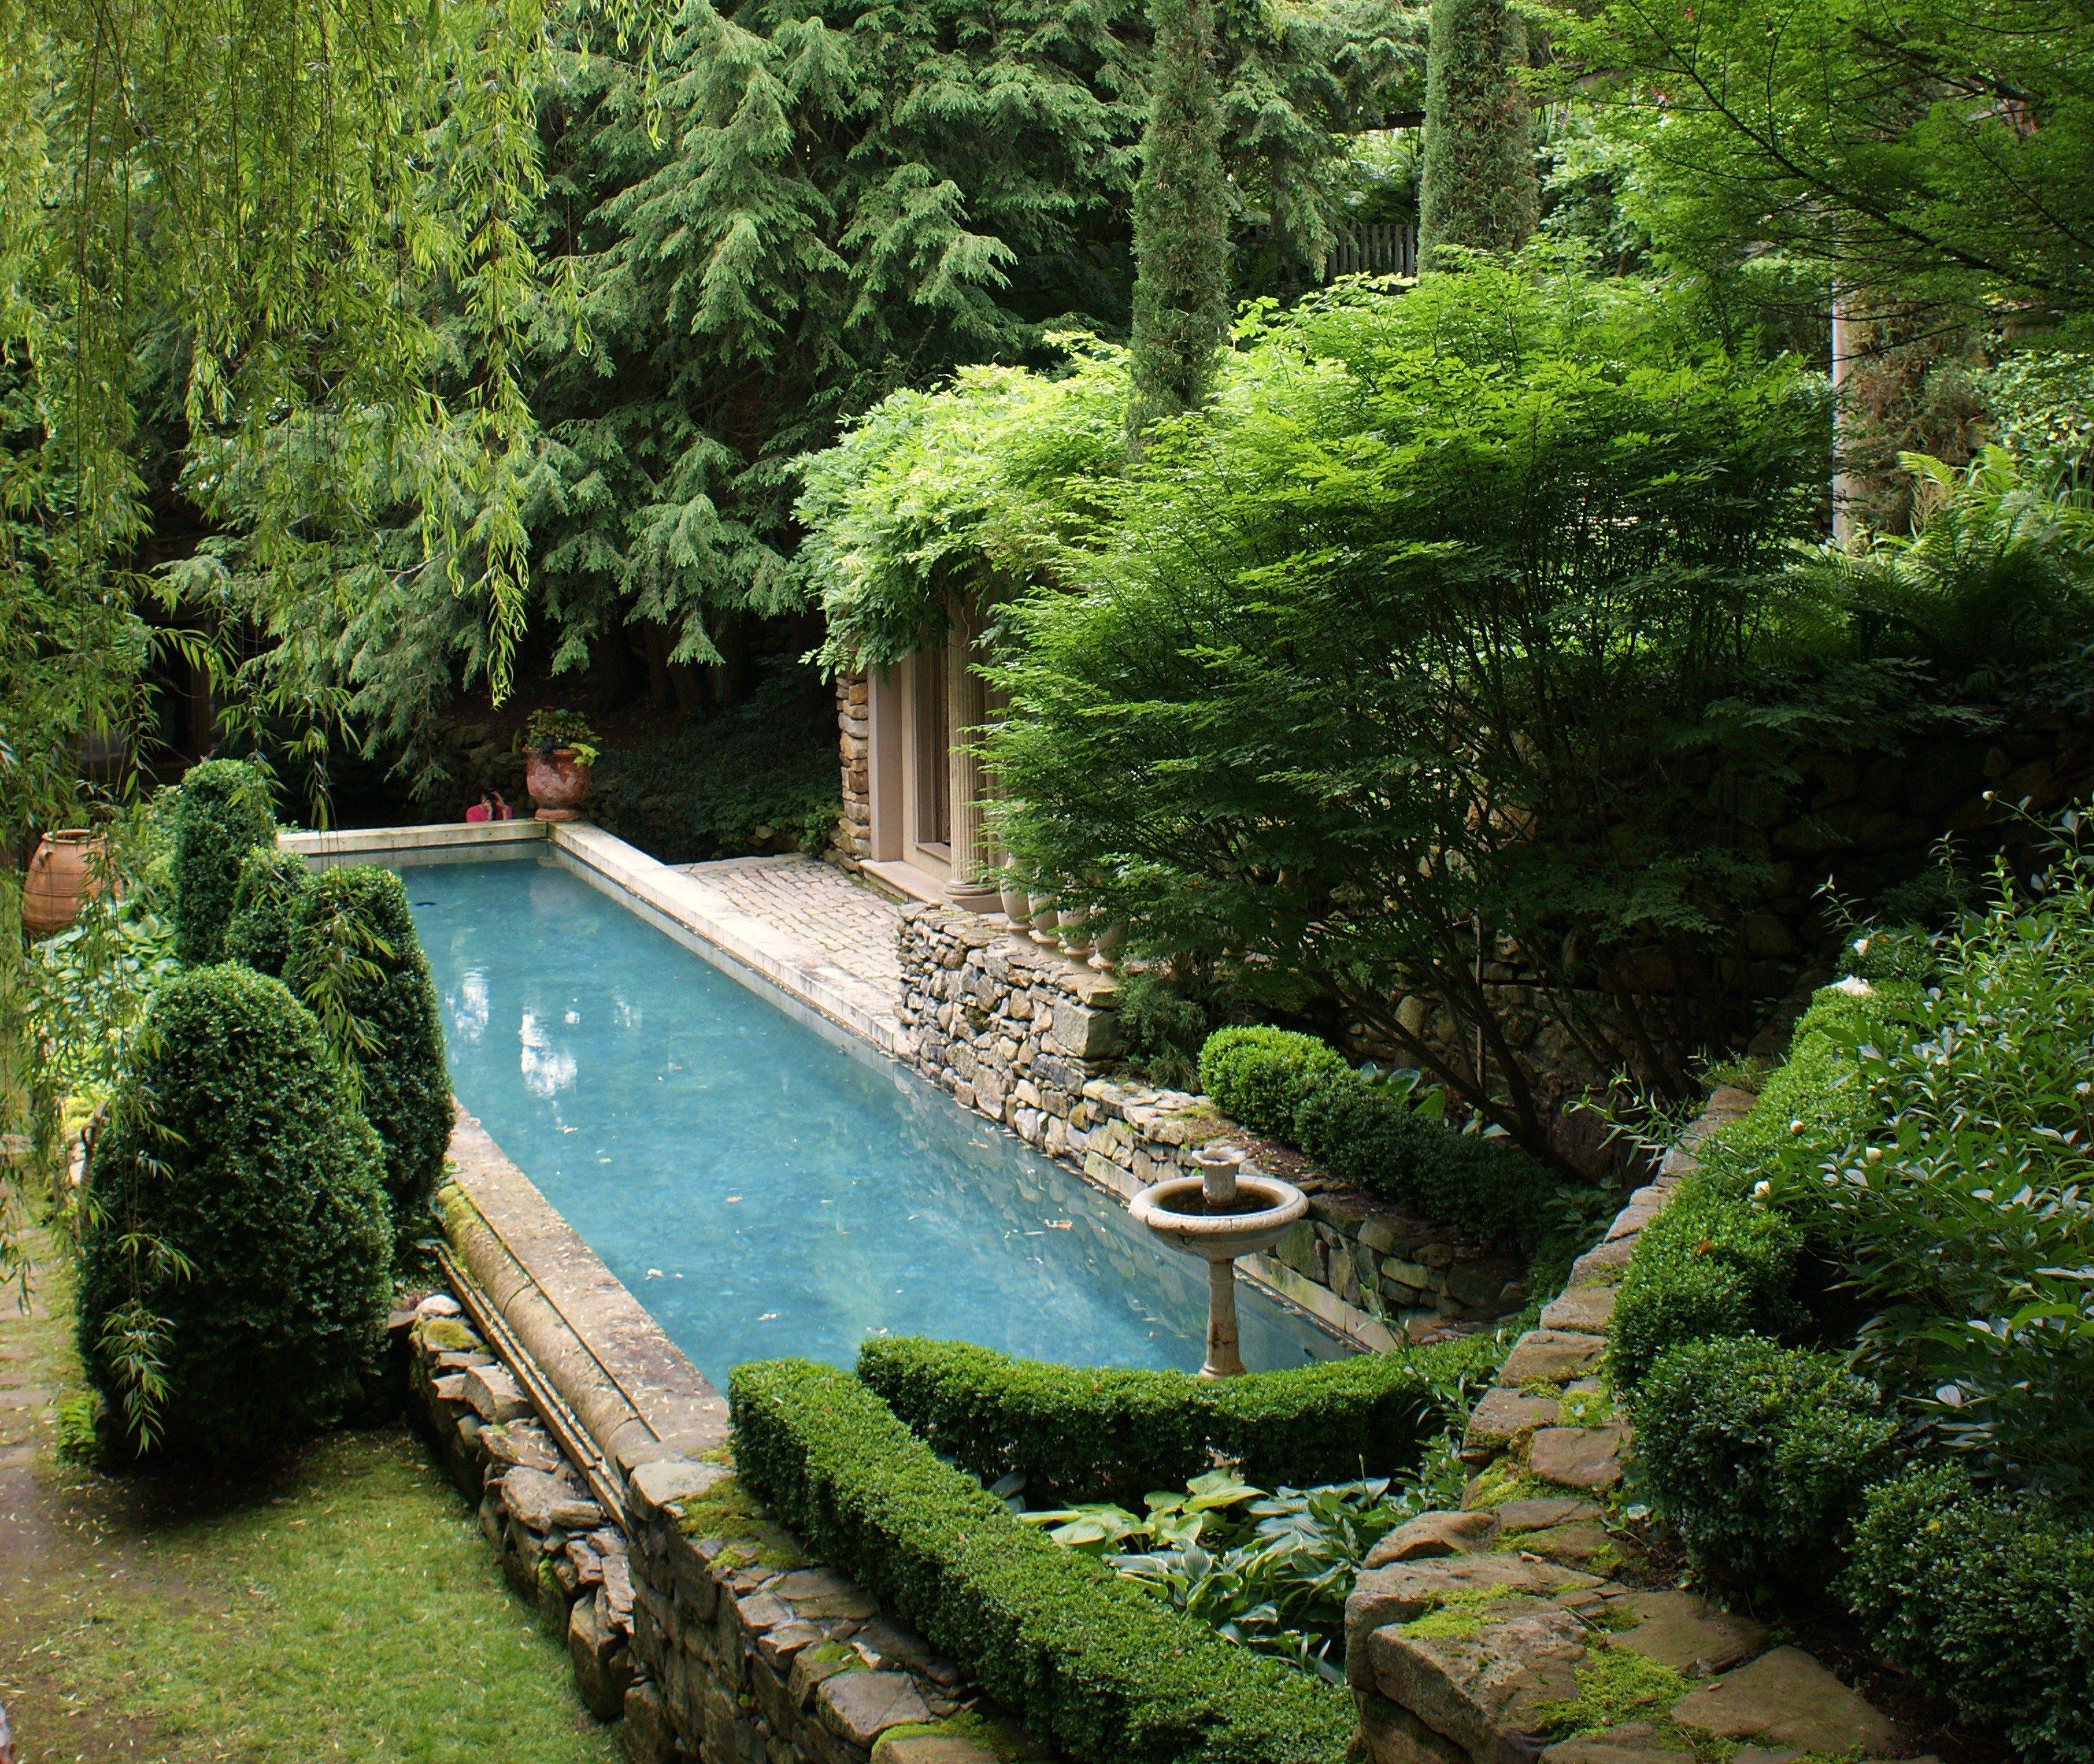 Michael trapp garden secret garden pinterest piscinas for Piscina jardin secreto